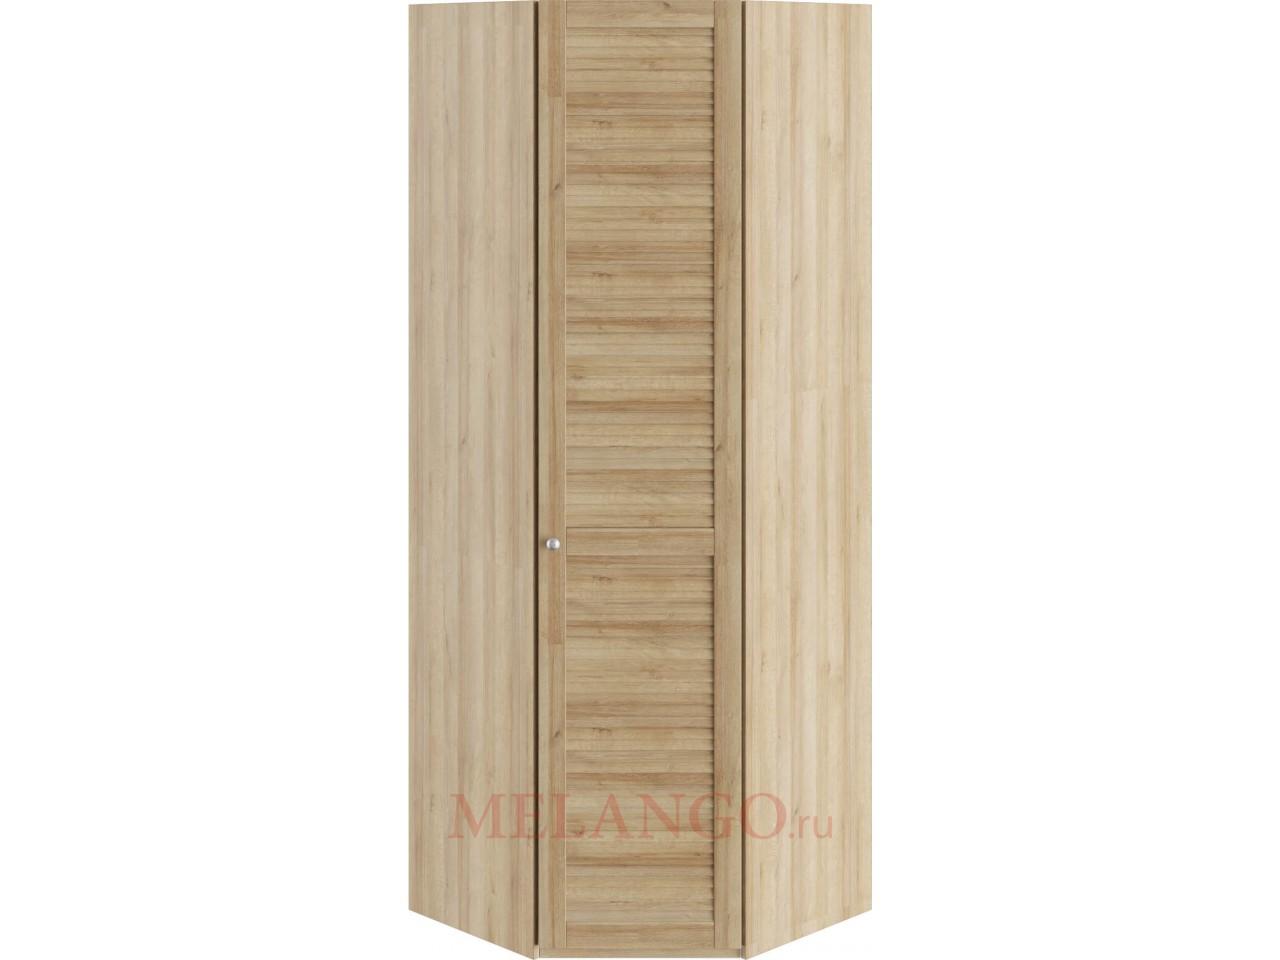 Шкаф угловой с 1-ой дверью правый «Ривьера» (Дуб Ривьера) СМ 241.23.003 R